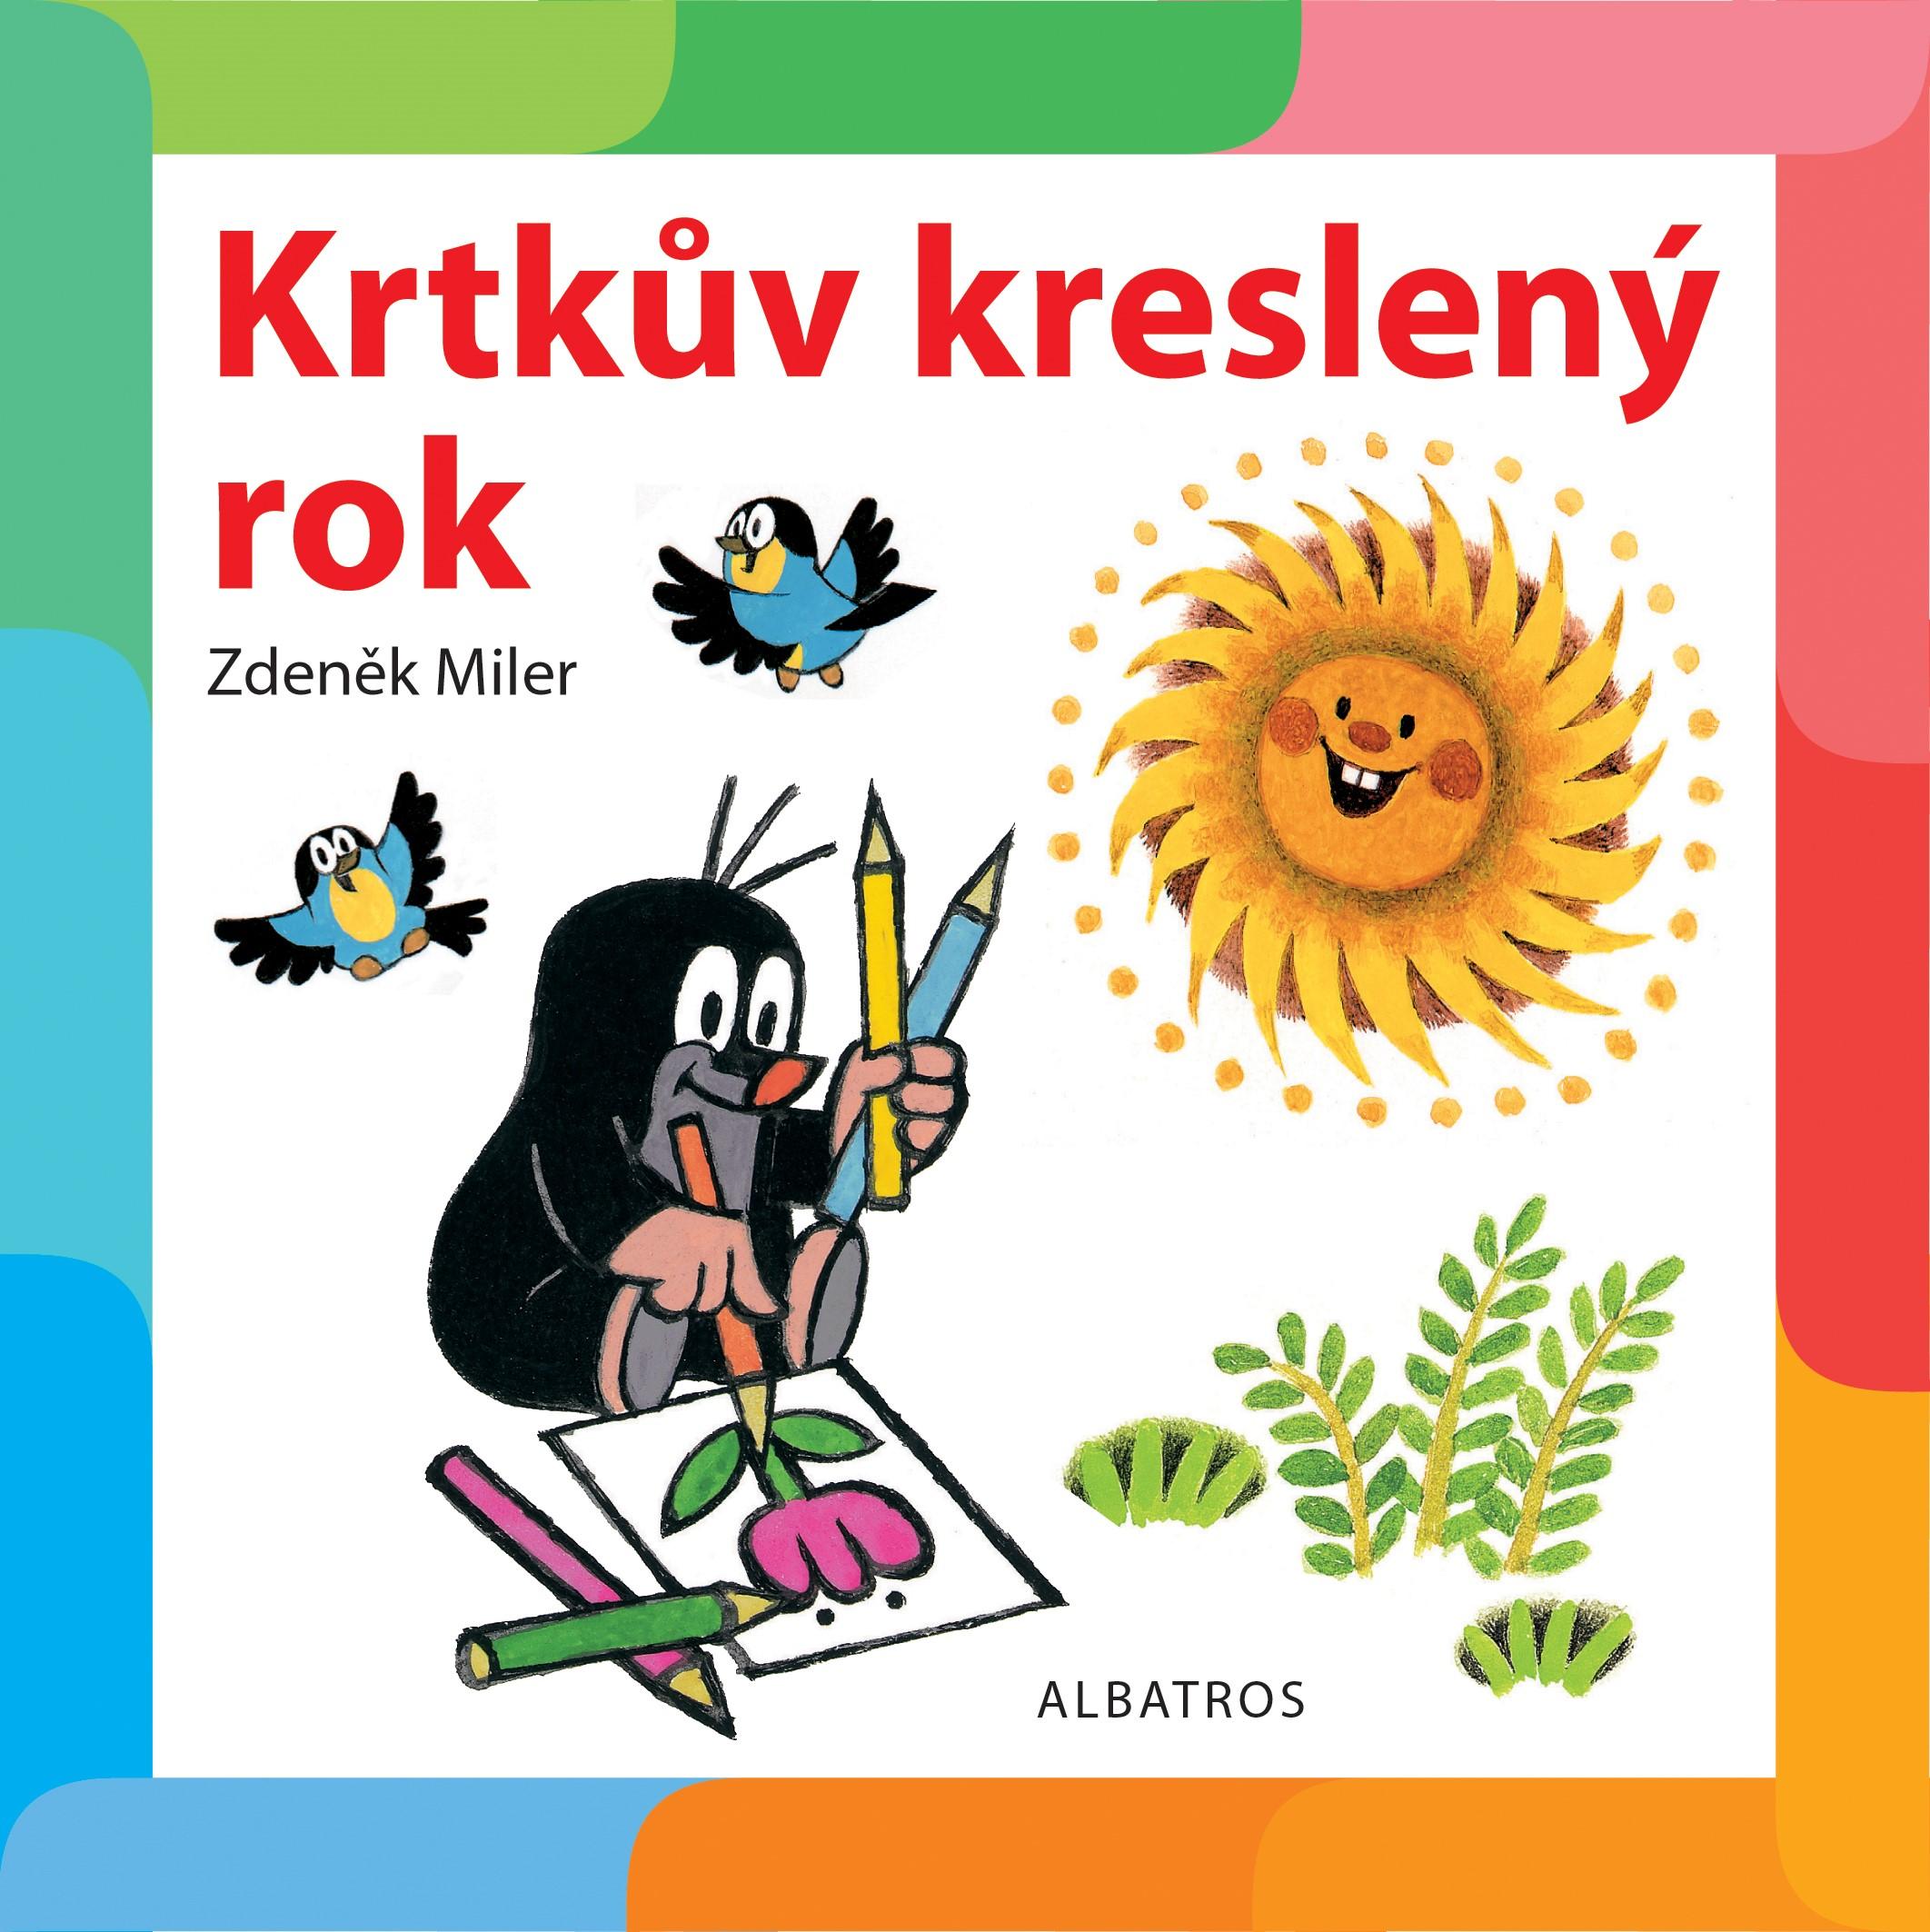 Krtkuv Kresleny Rok Albatrosmedia Cz